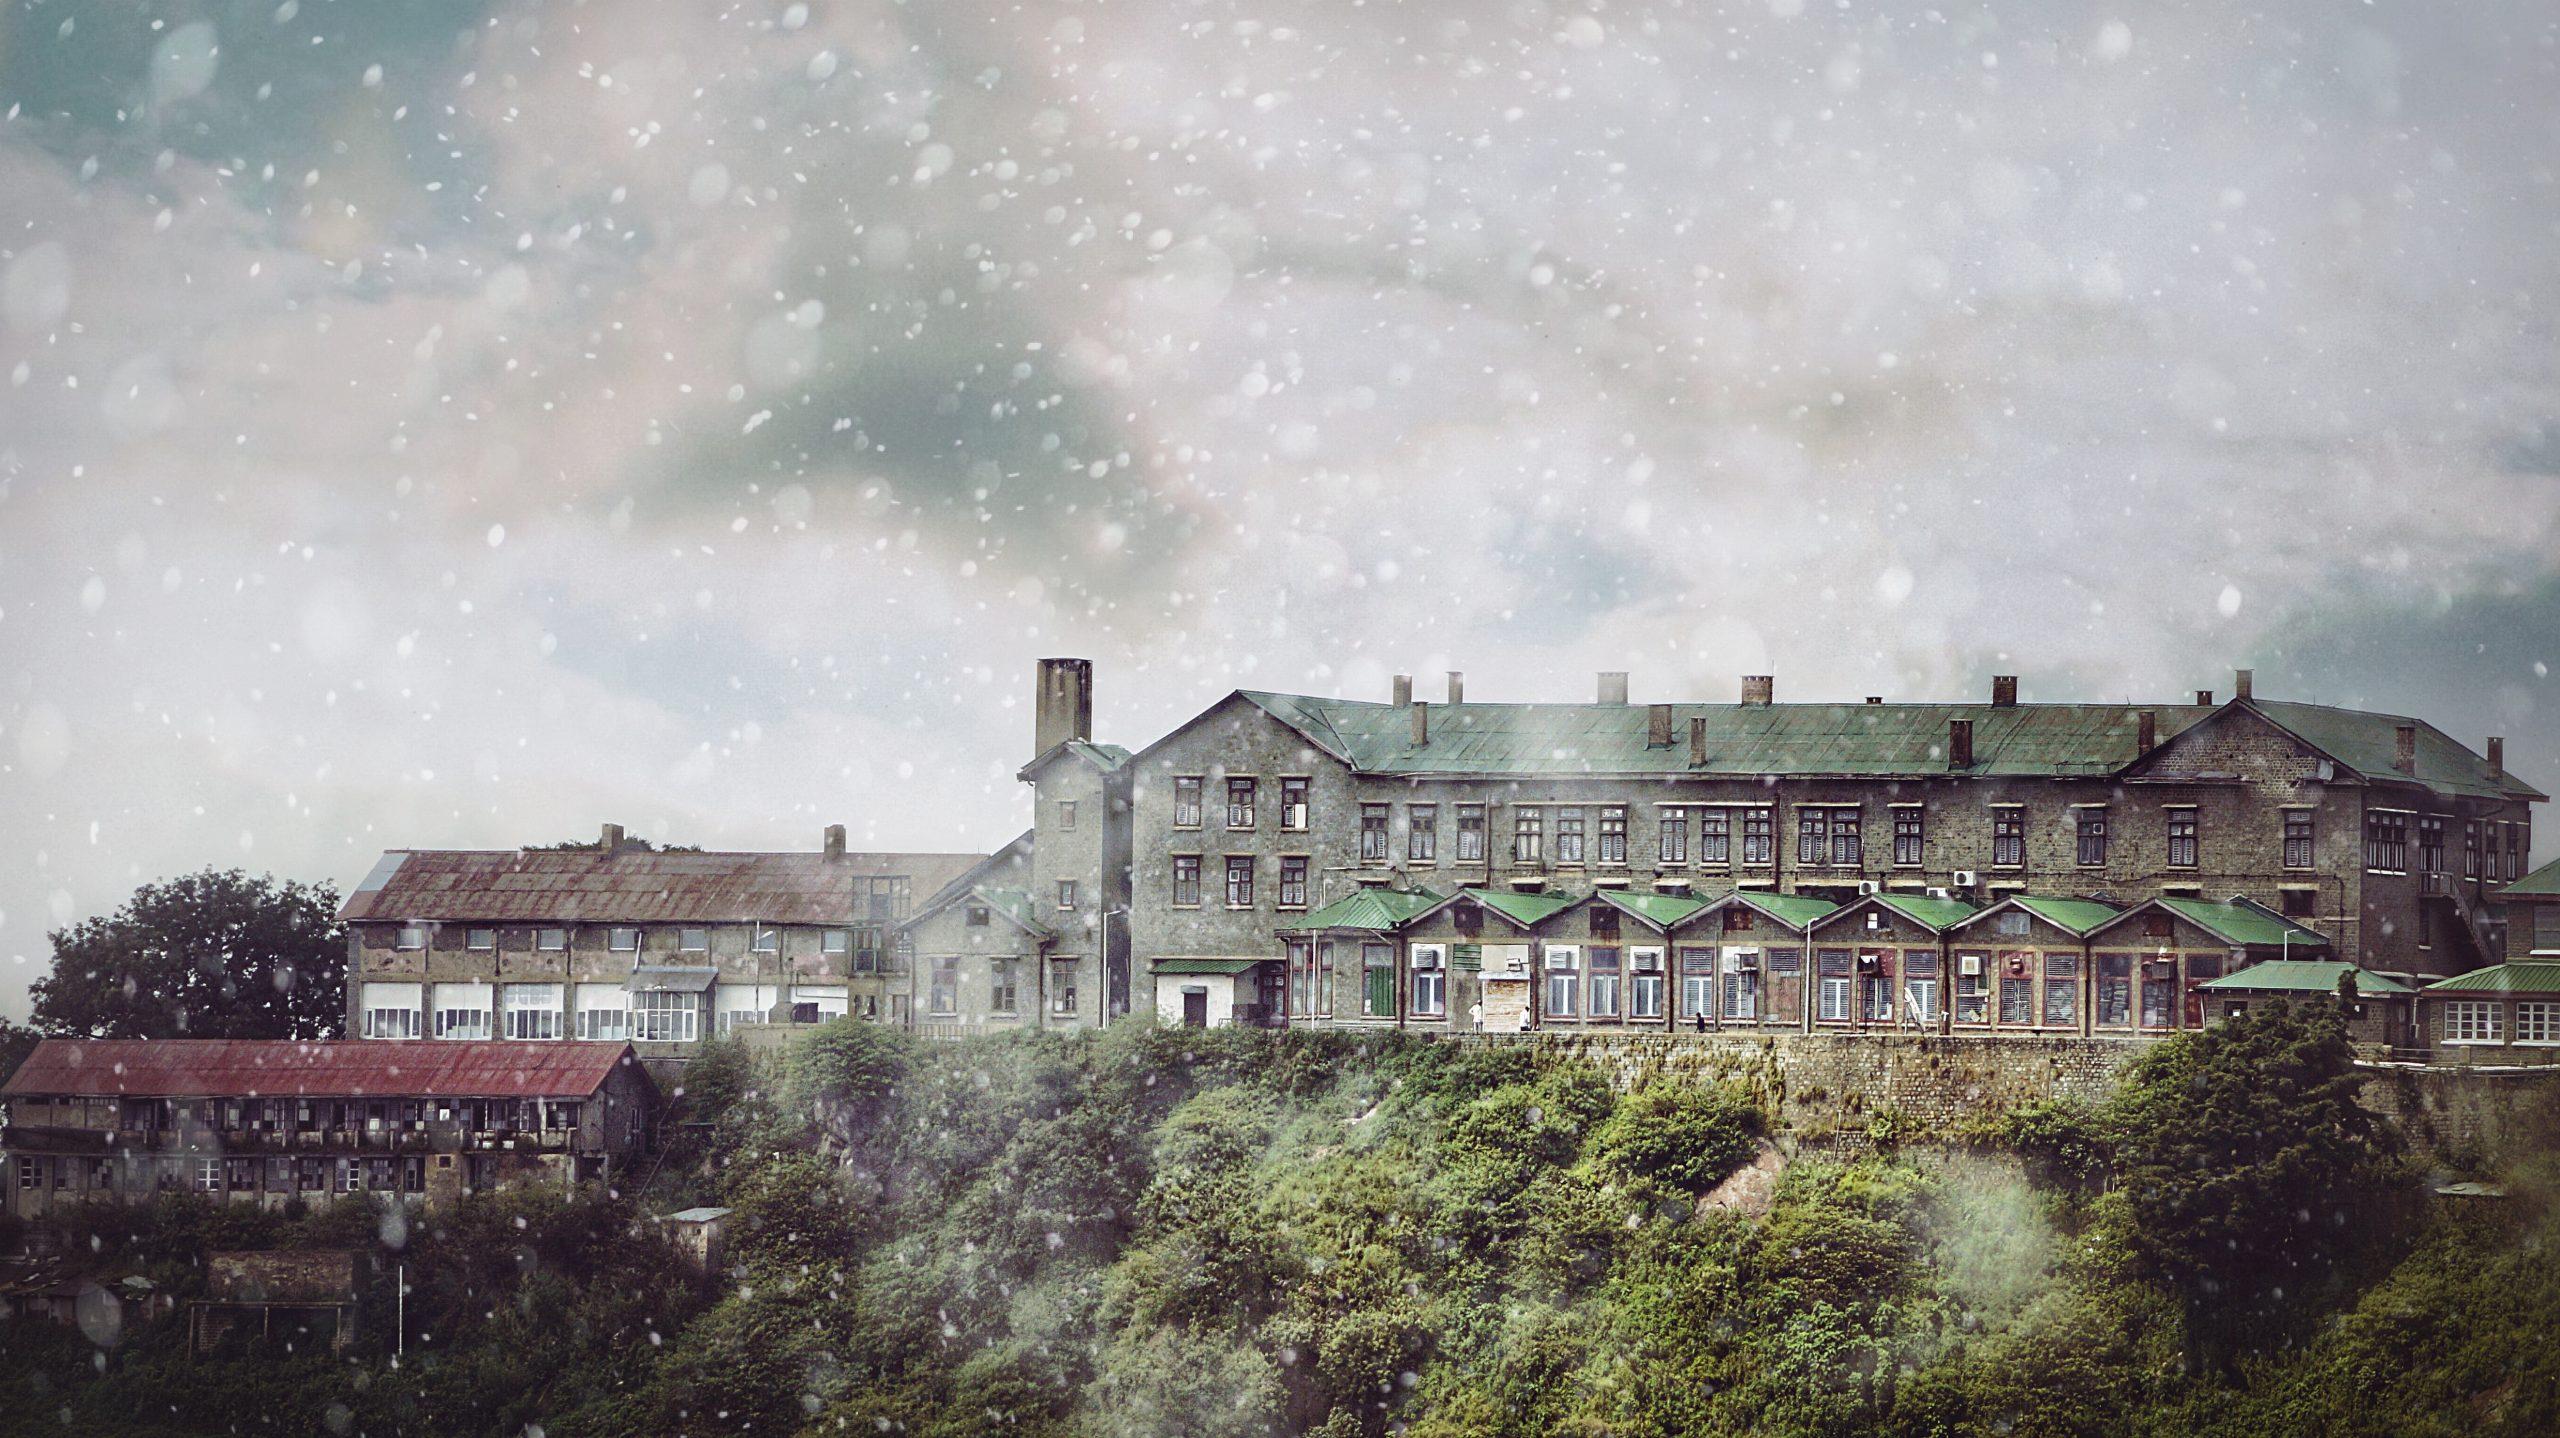 Snowfall at hills